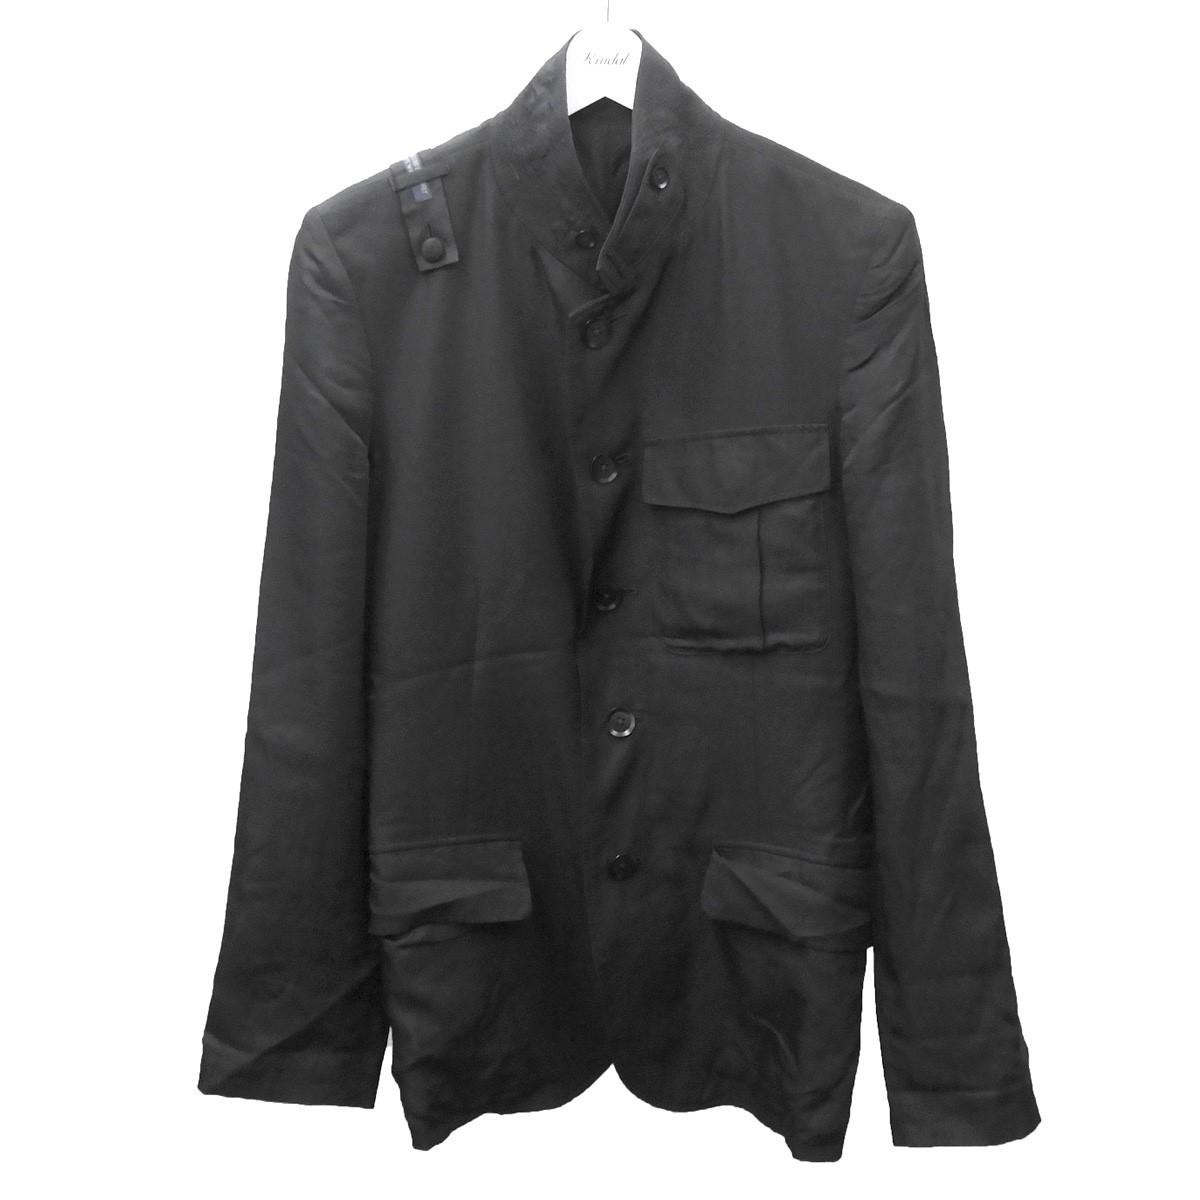 【中古】REGULATION Yohji Yamamoto テーラードジャケット ブラック サイズ:1 【220620】(レギュレーションヨウジヤマモト)